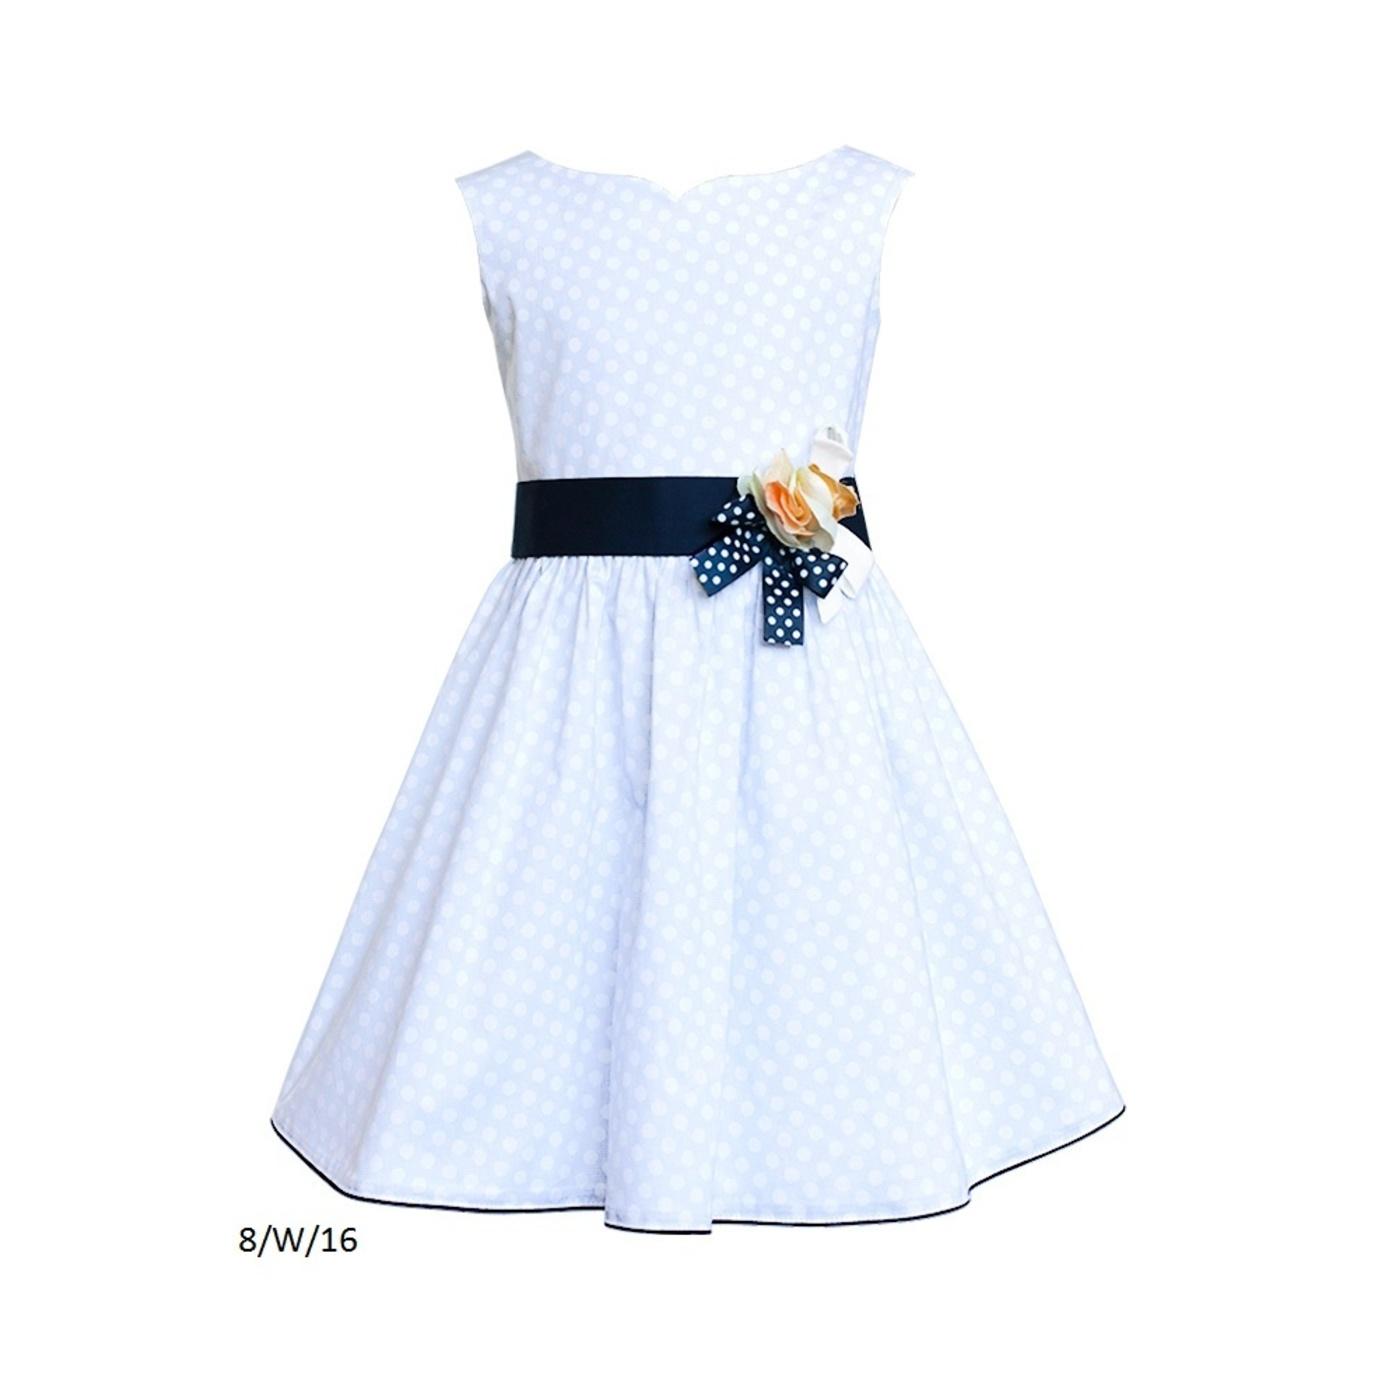 43bfc0919d Elegancka sukienka dla dziewczynki - SLY